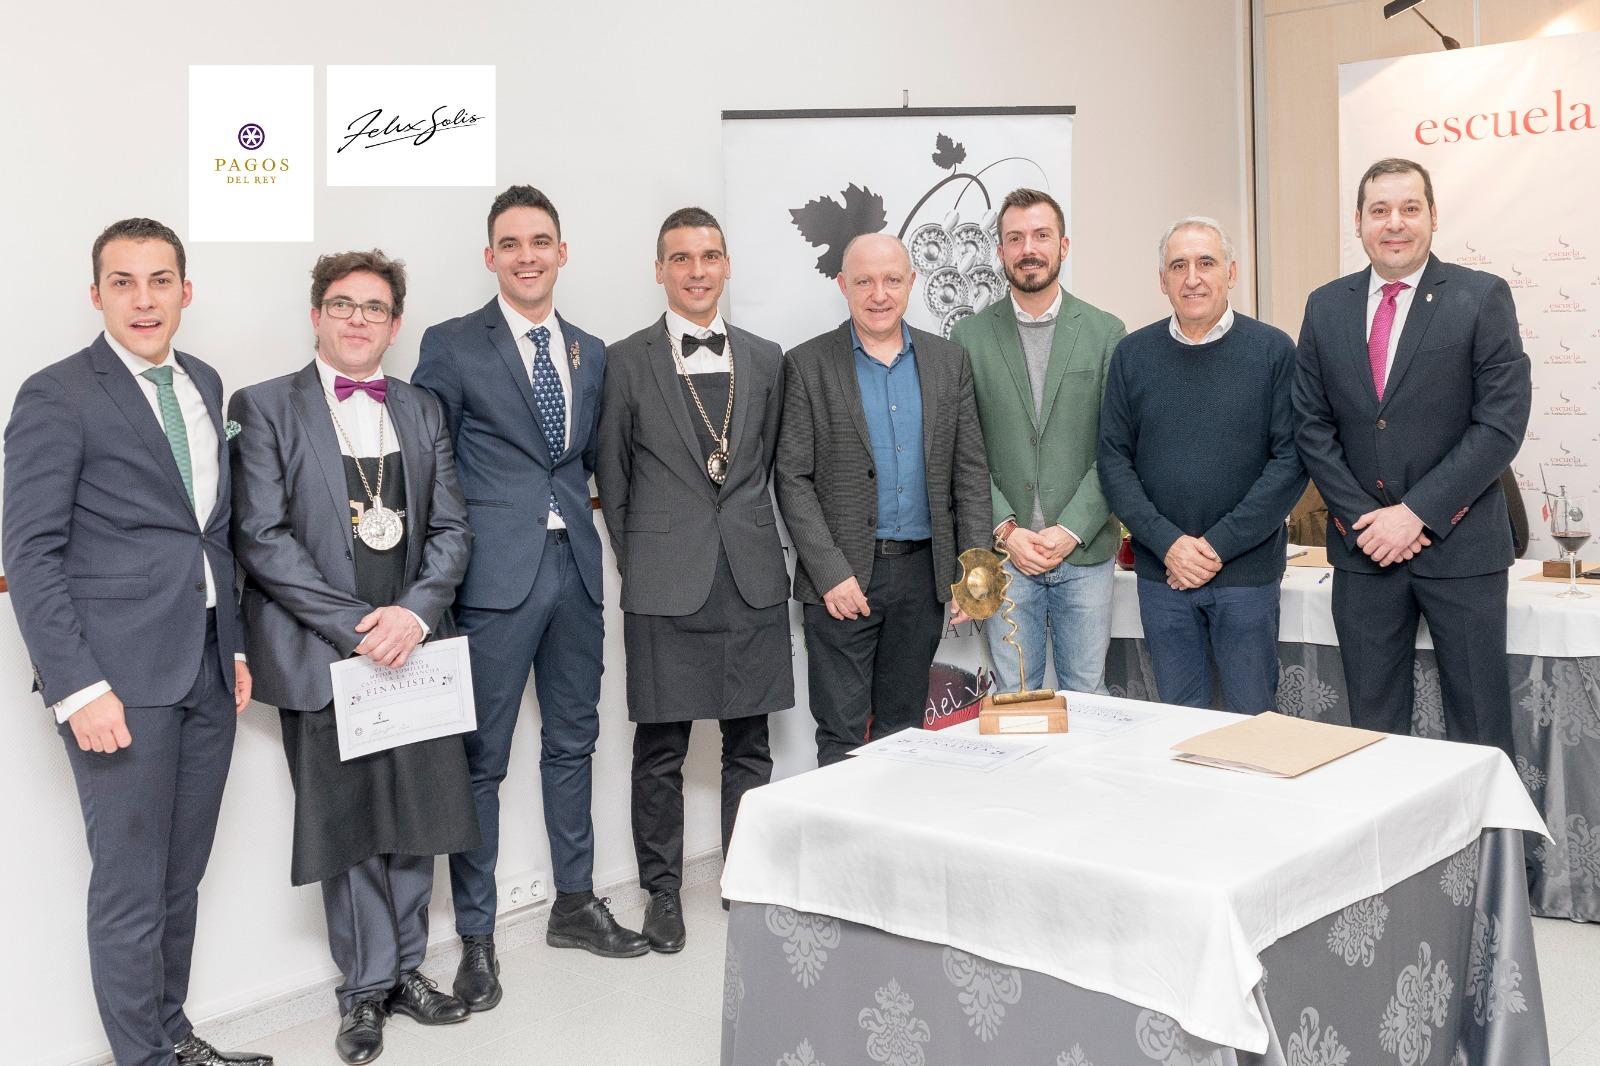 finalistas-y-jurado-concurso-sumilleres-2019